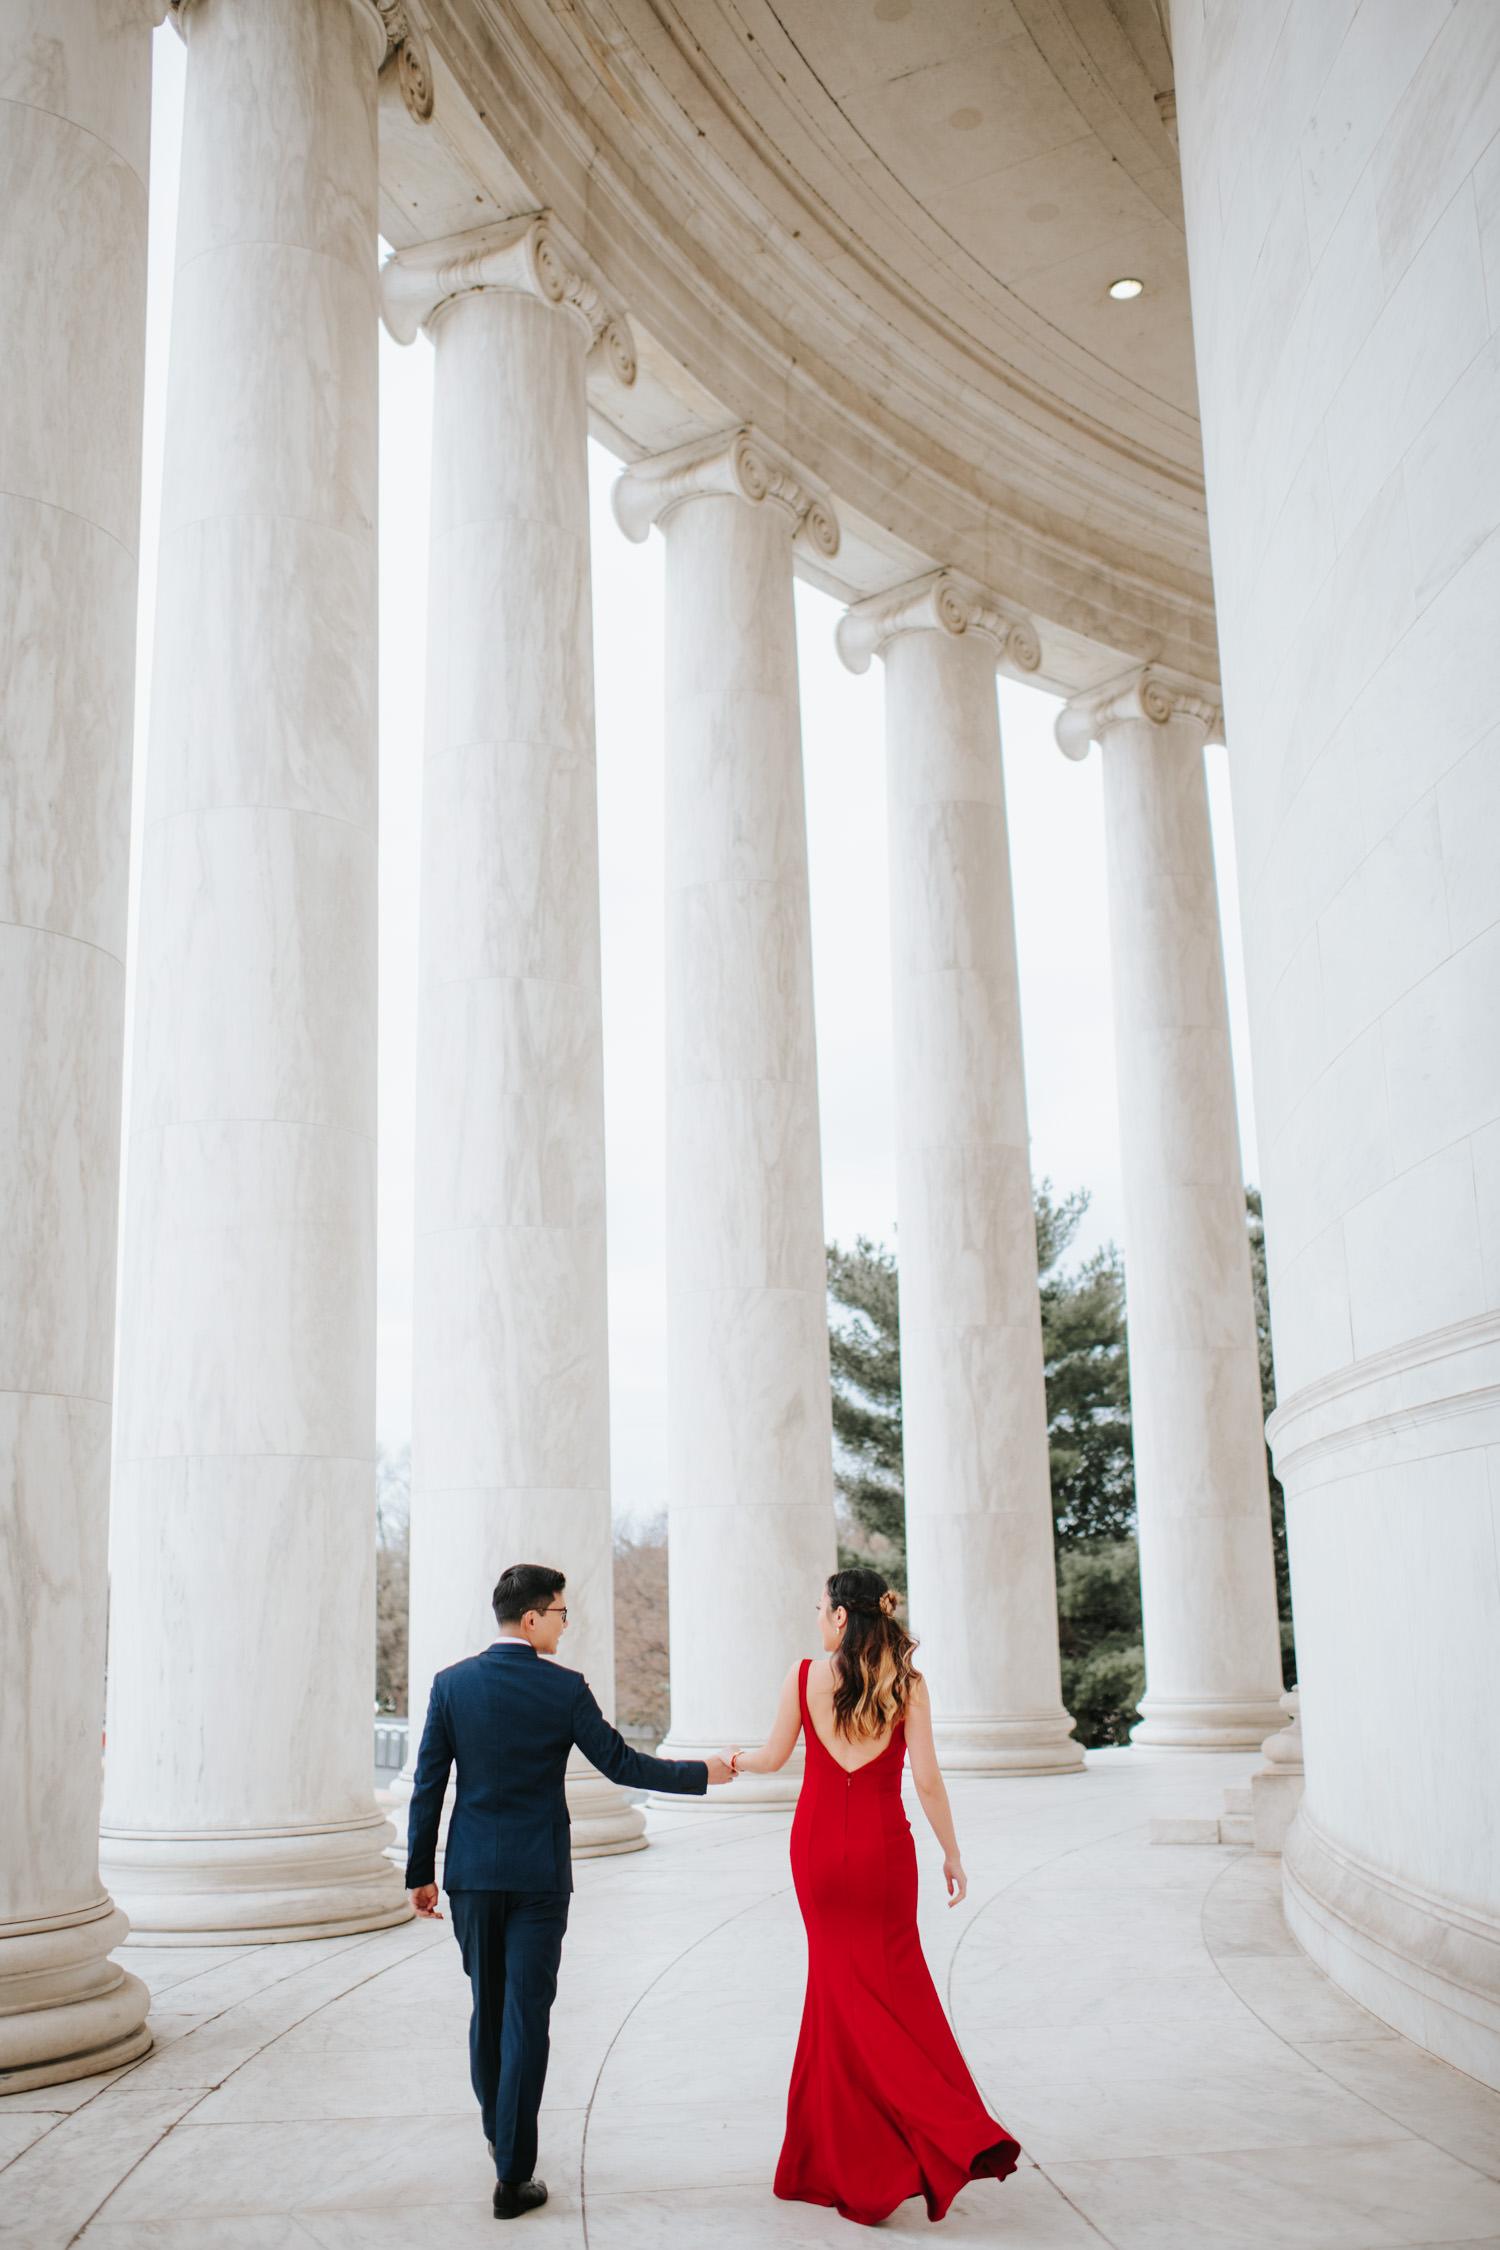 Jefferson Memorial Washington DC Engagement Session